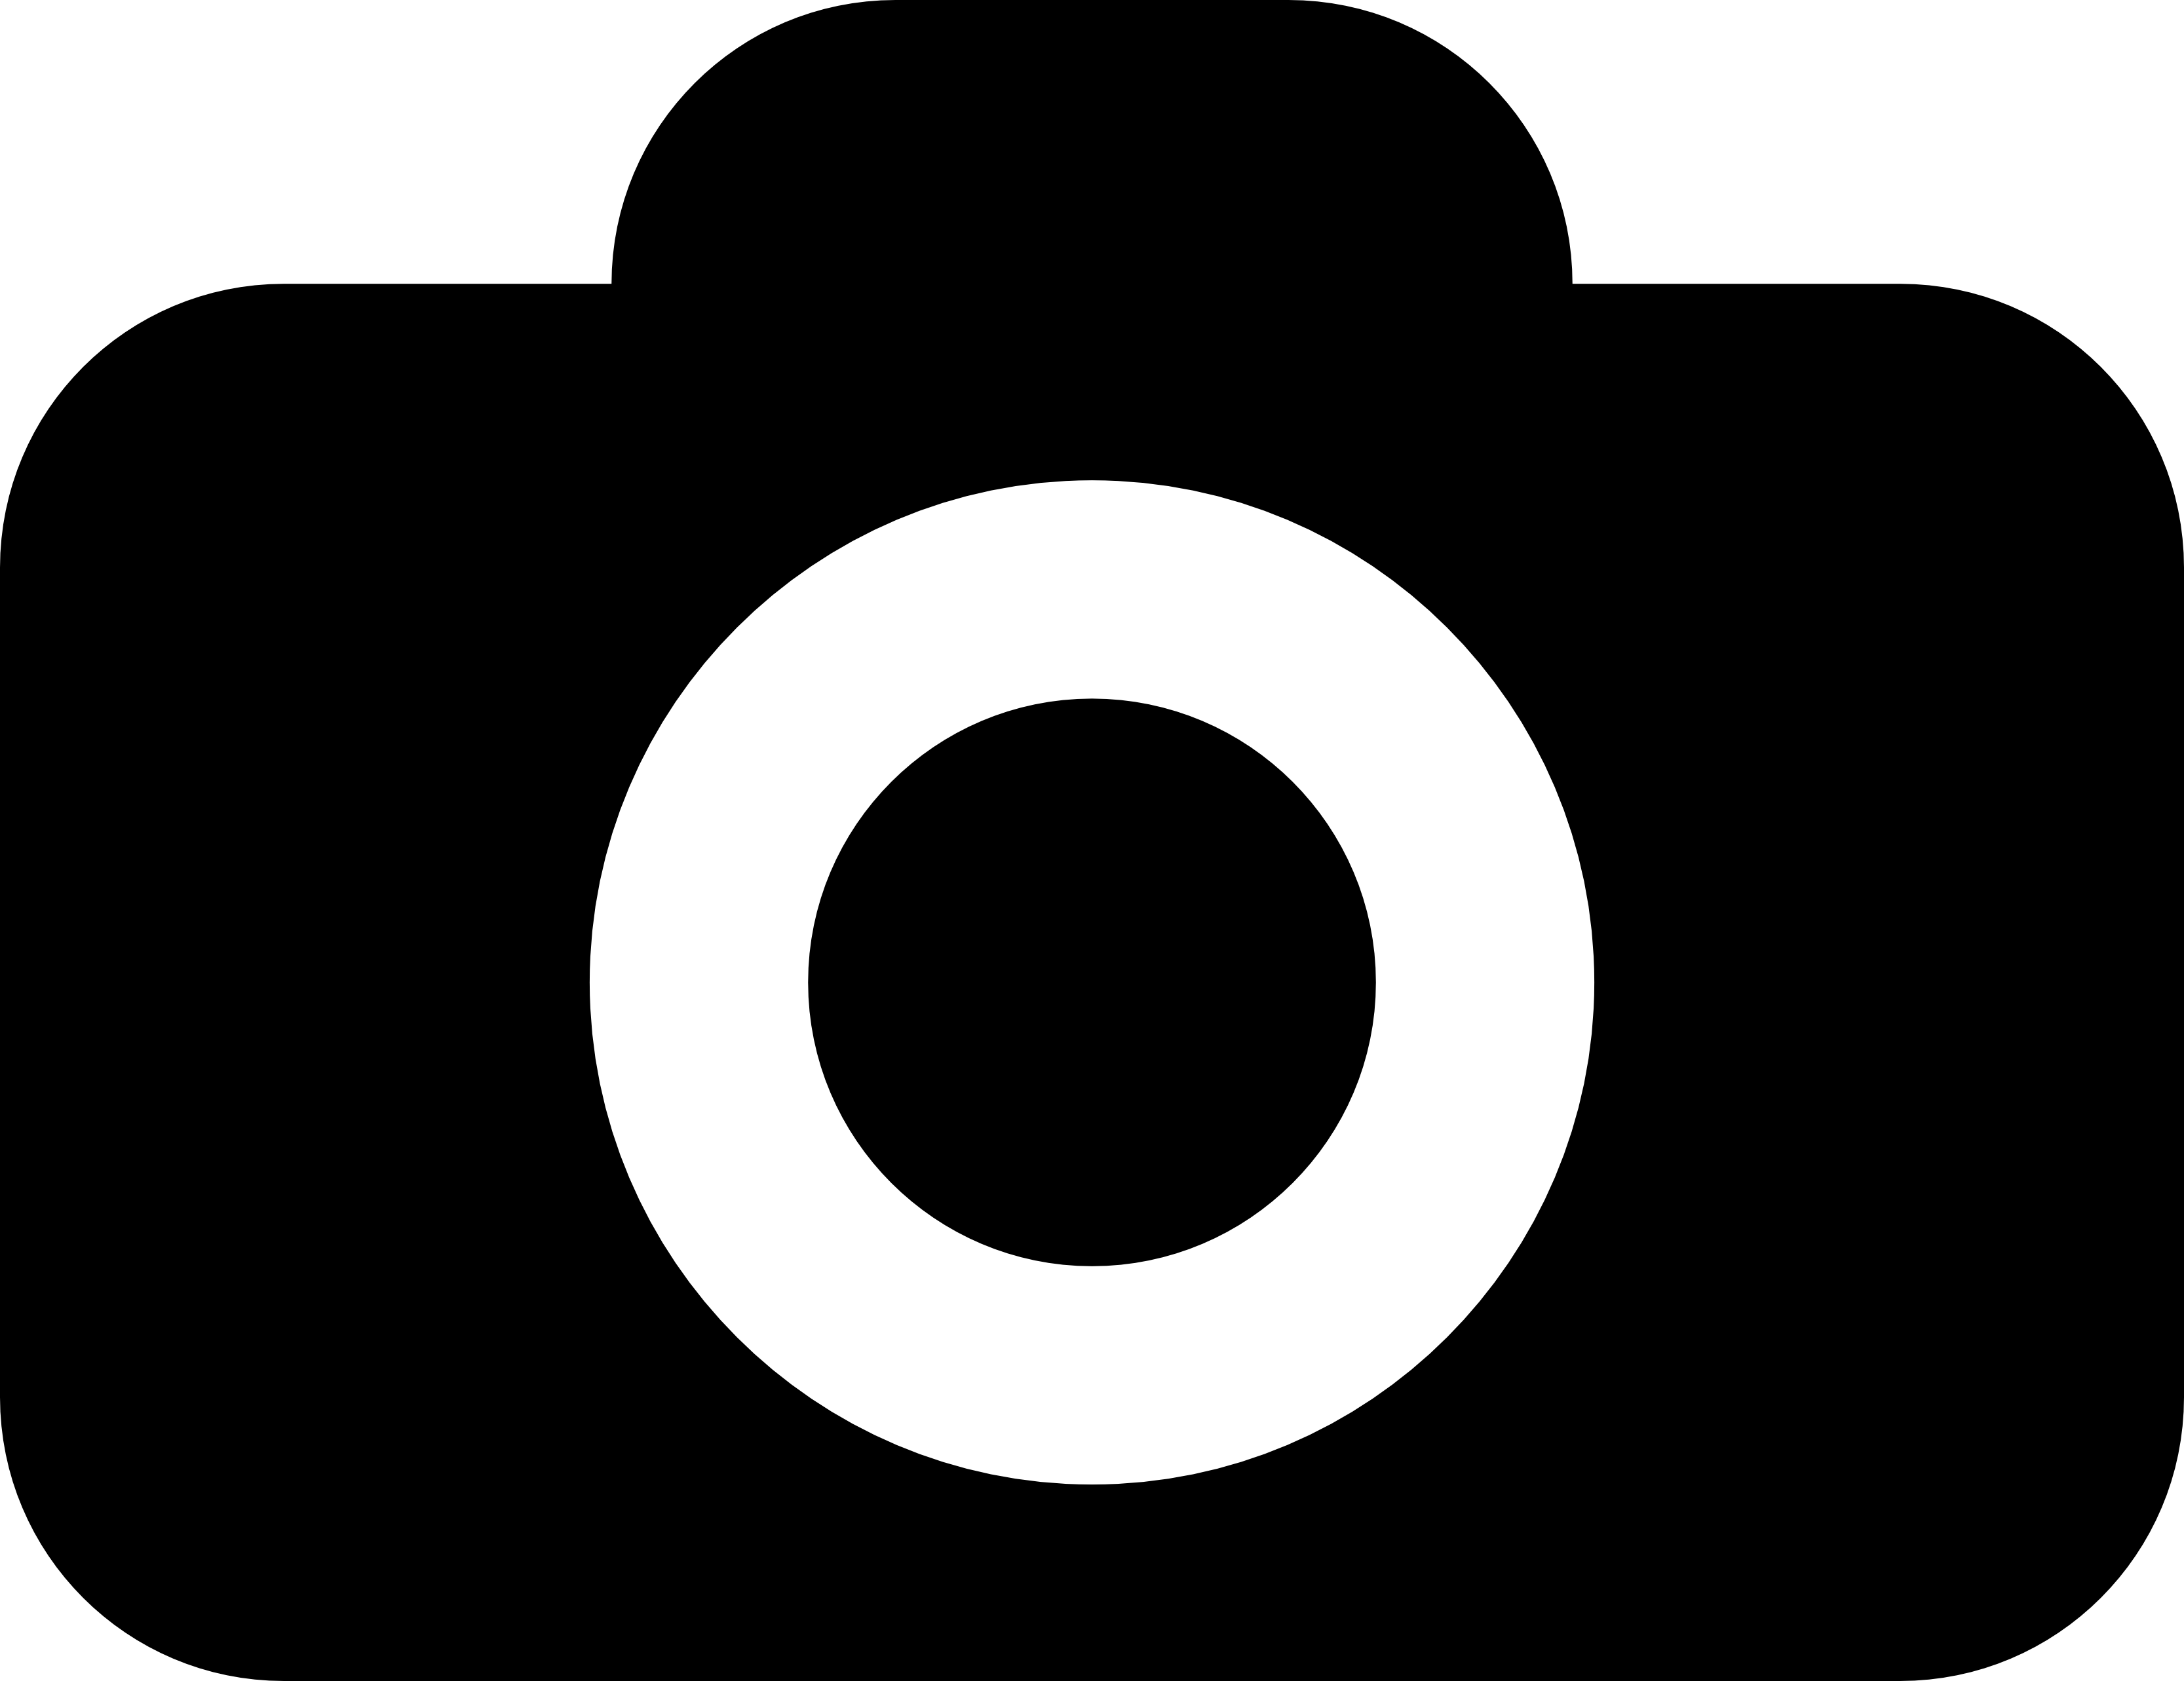 Digital Camera Clipart Black And White F-Digital Camera Clipart Black And White Fotocamera Foto Camera Icon-13